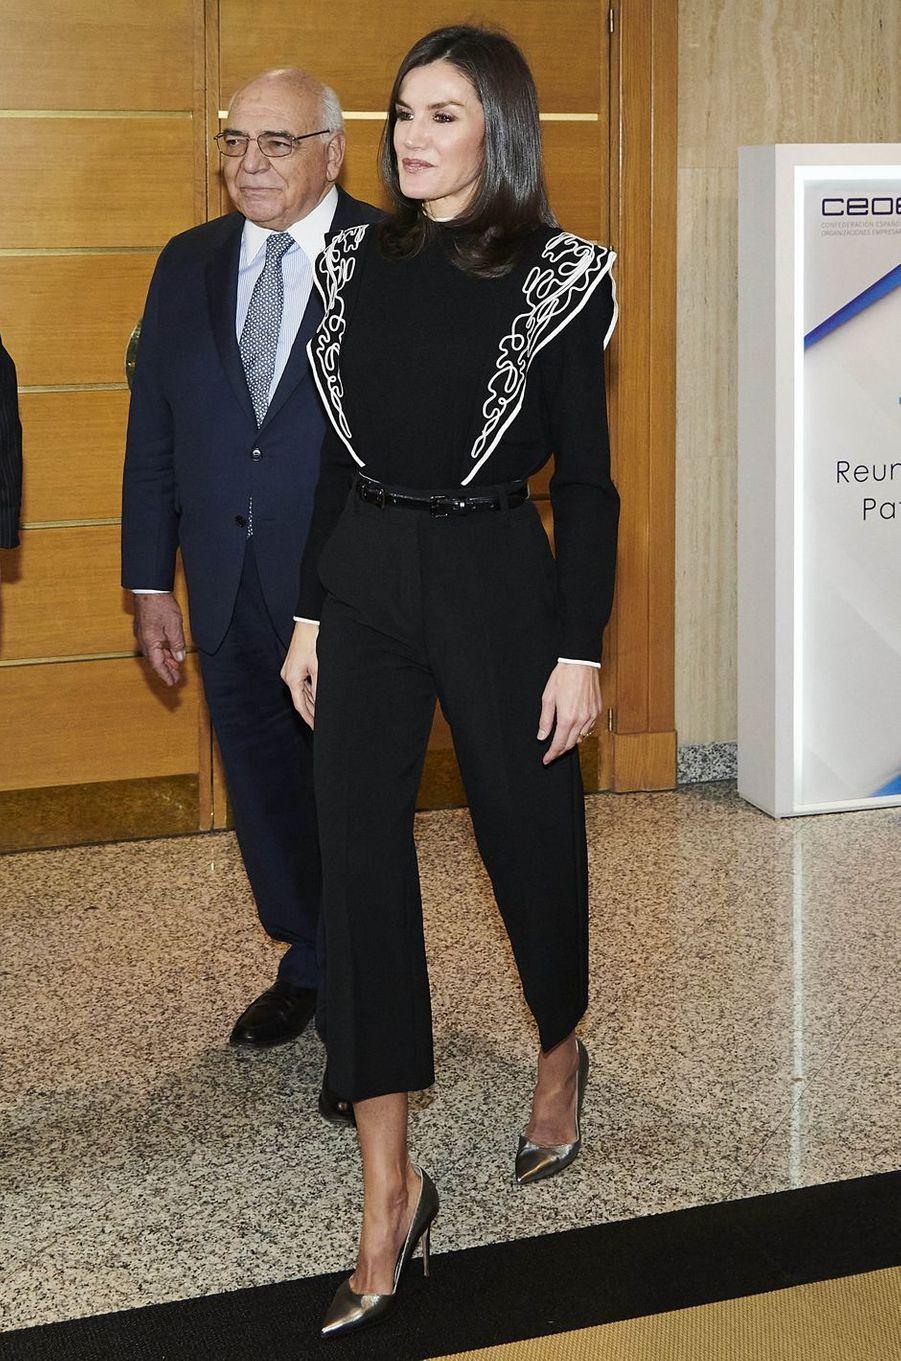 La reine Letizia d'Espagne, en black & white, à Madrid le 10 décembre 2019